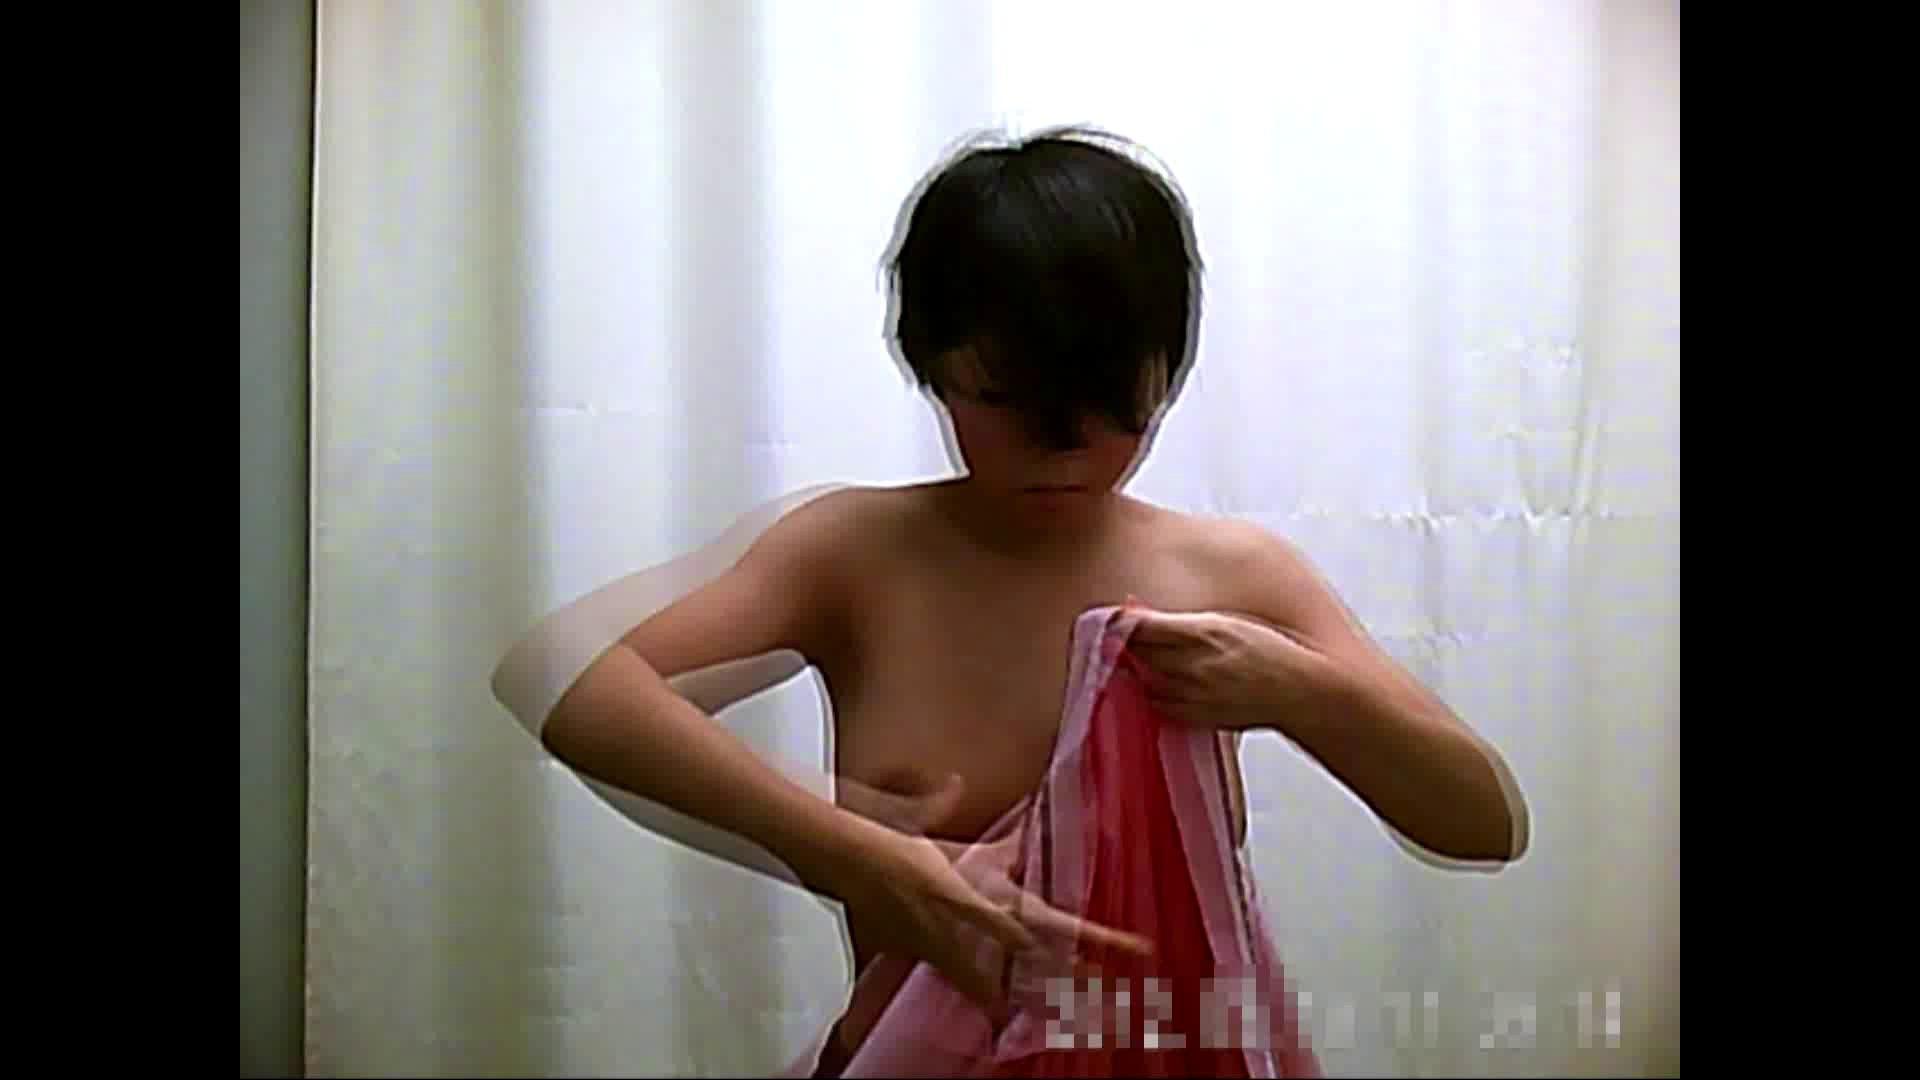 病院おもいっきり着替え! vol.267 貧乳 のぞき動画画像 99画像 55